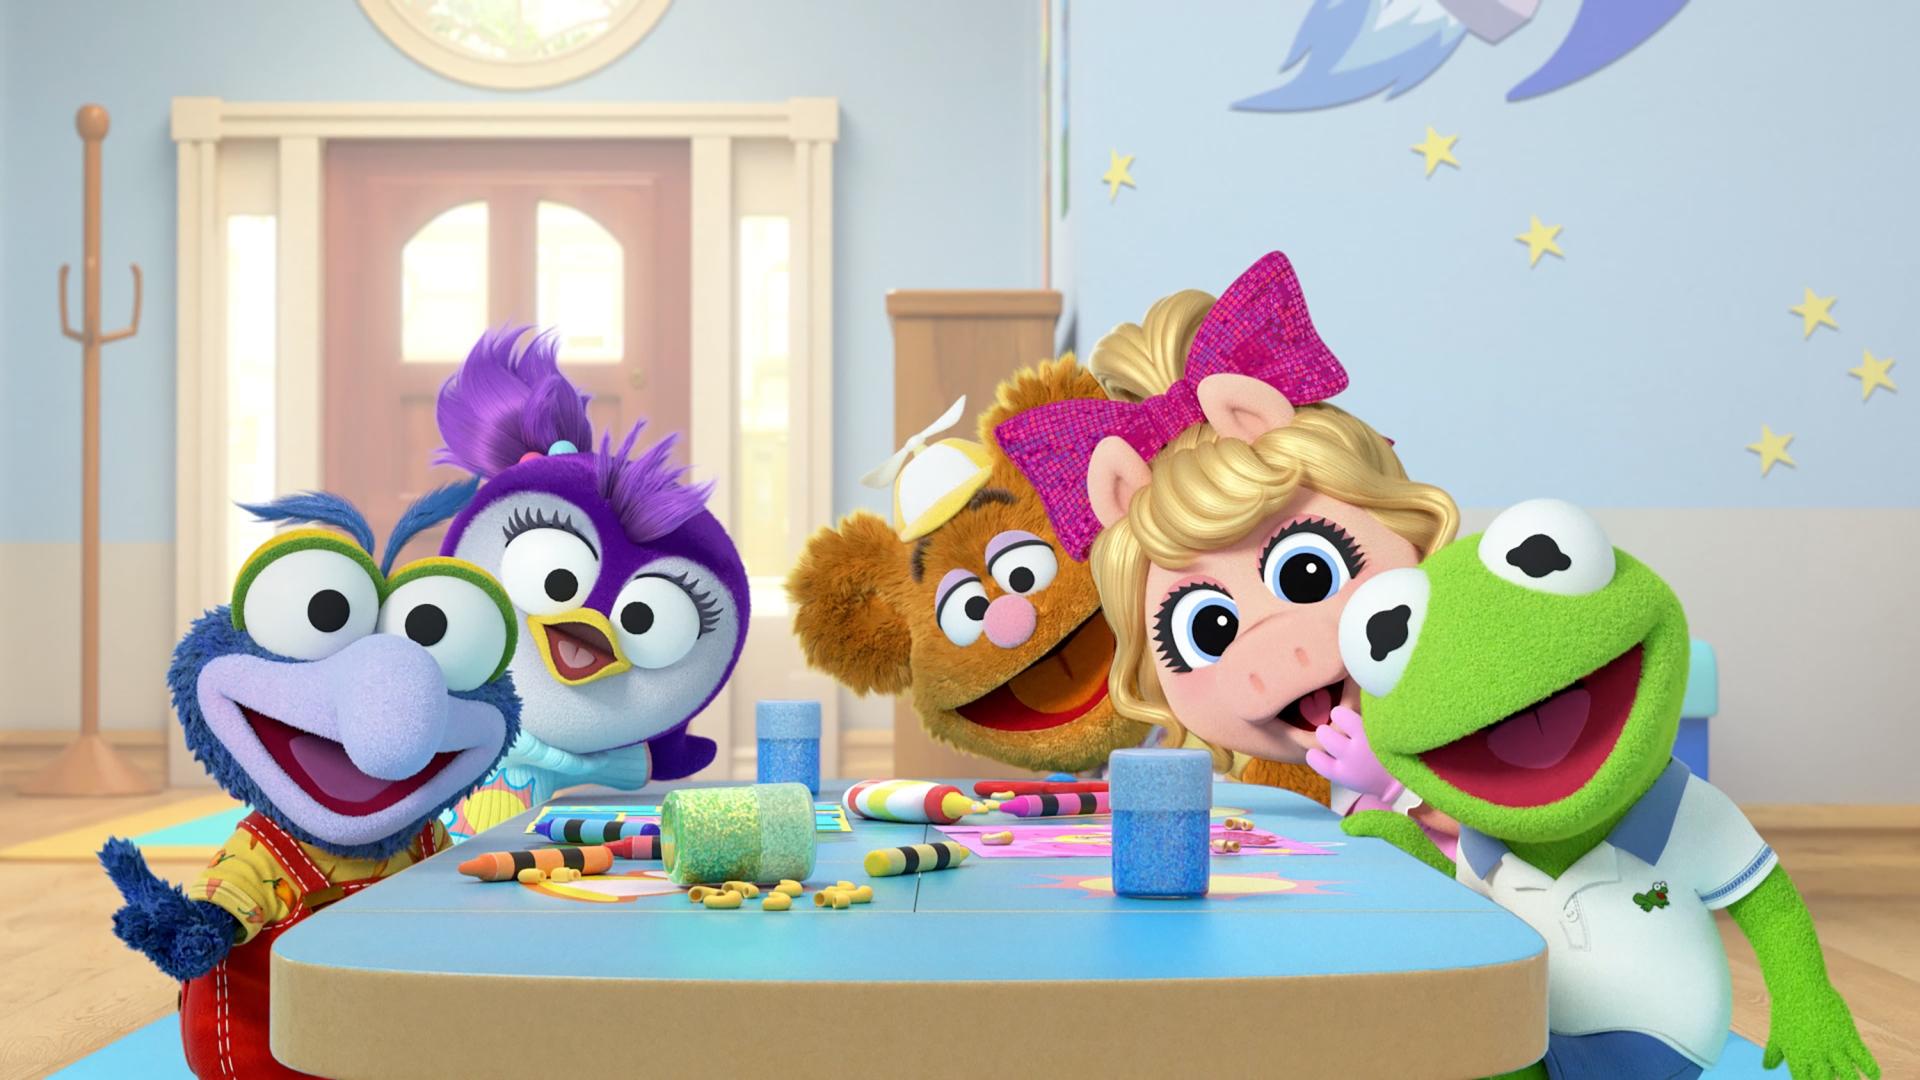 Muppet Babies summer